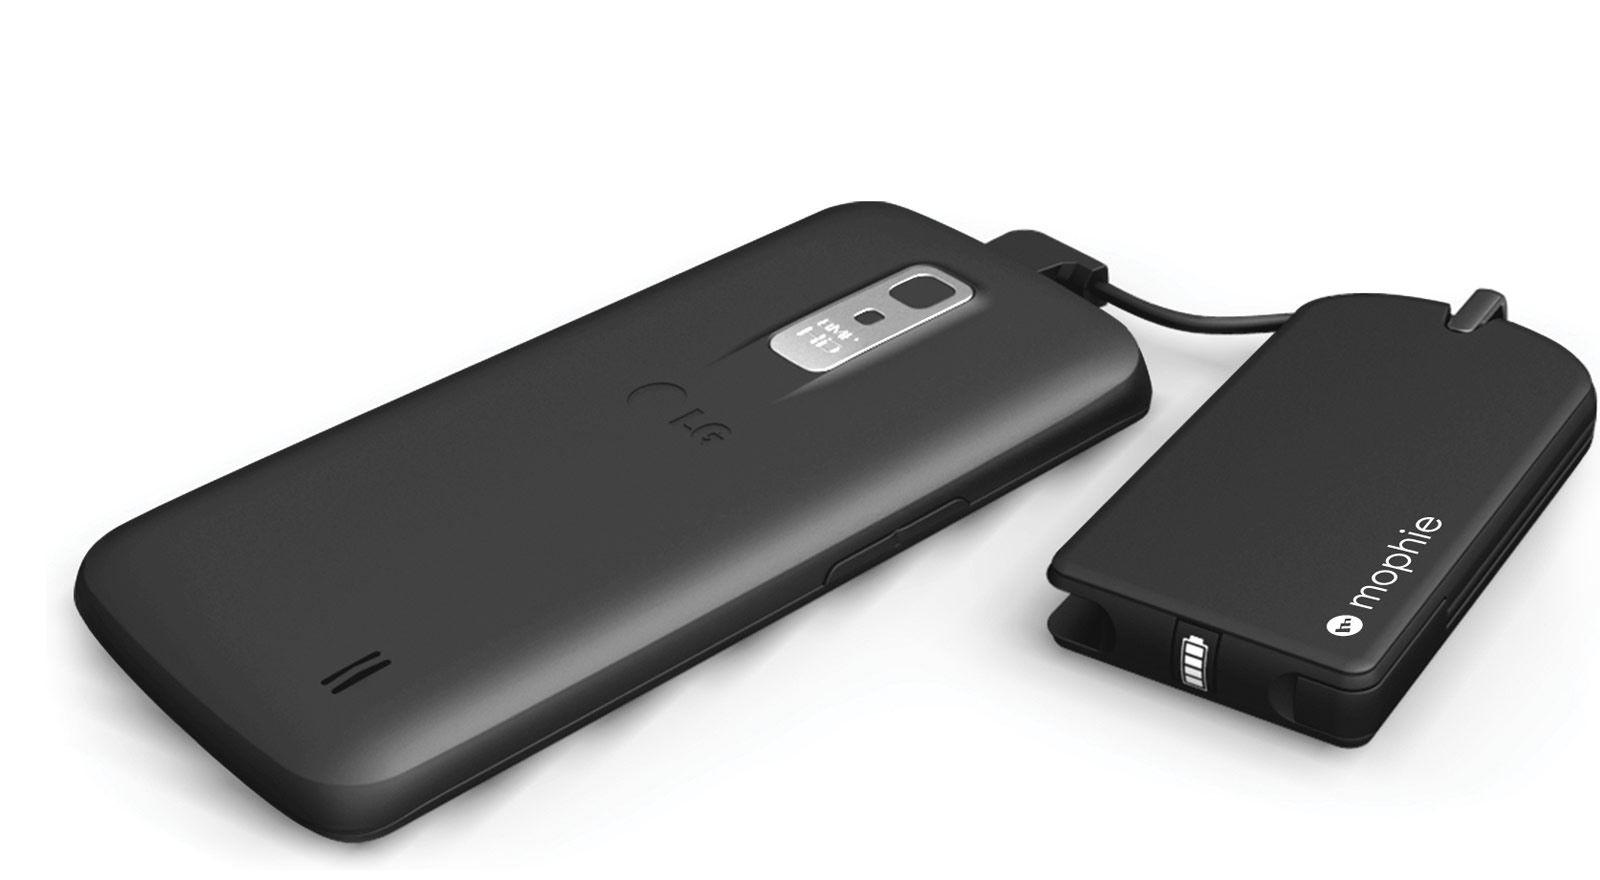 Comprar una bater a externa para el smartphone los siete - Bateria para casa ...